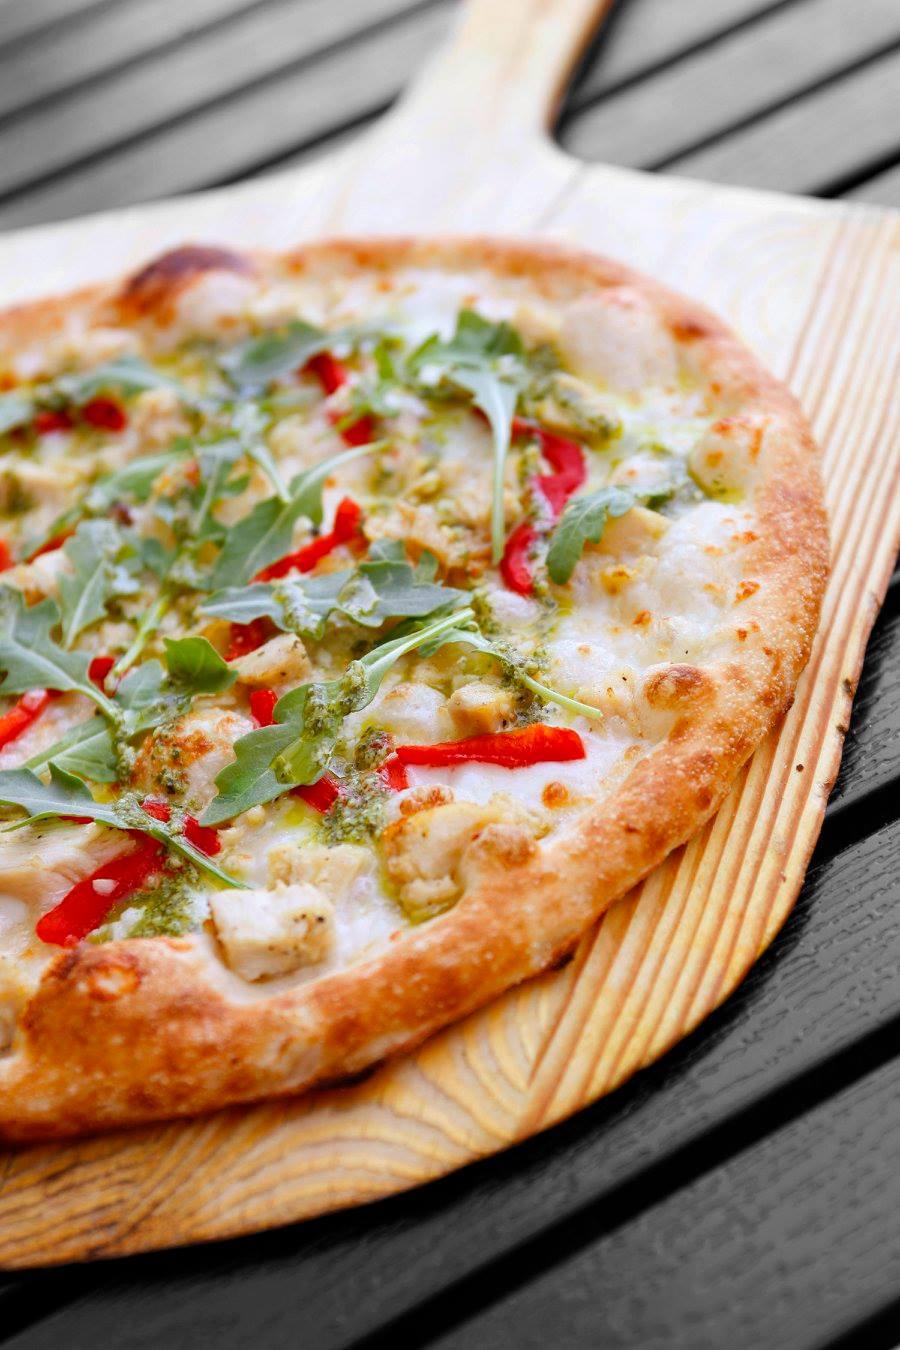 Photo courtesy of Blaze Pizza